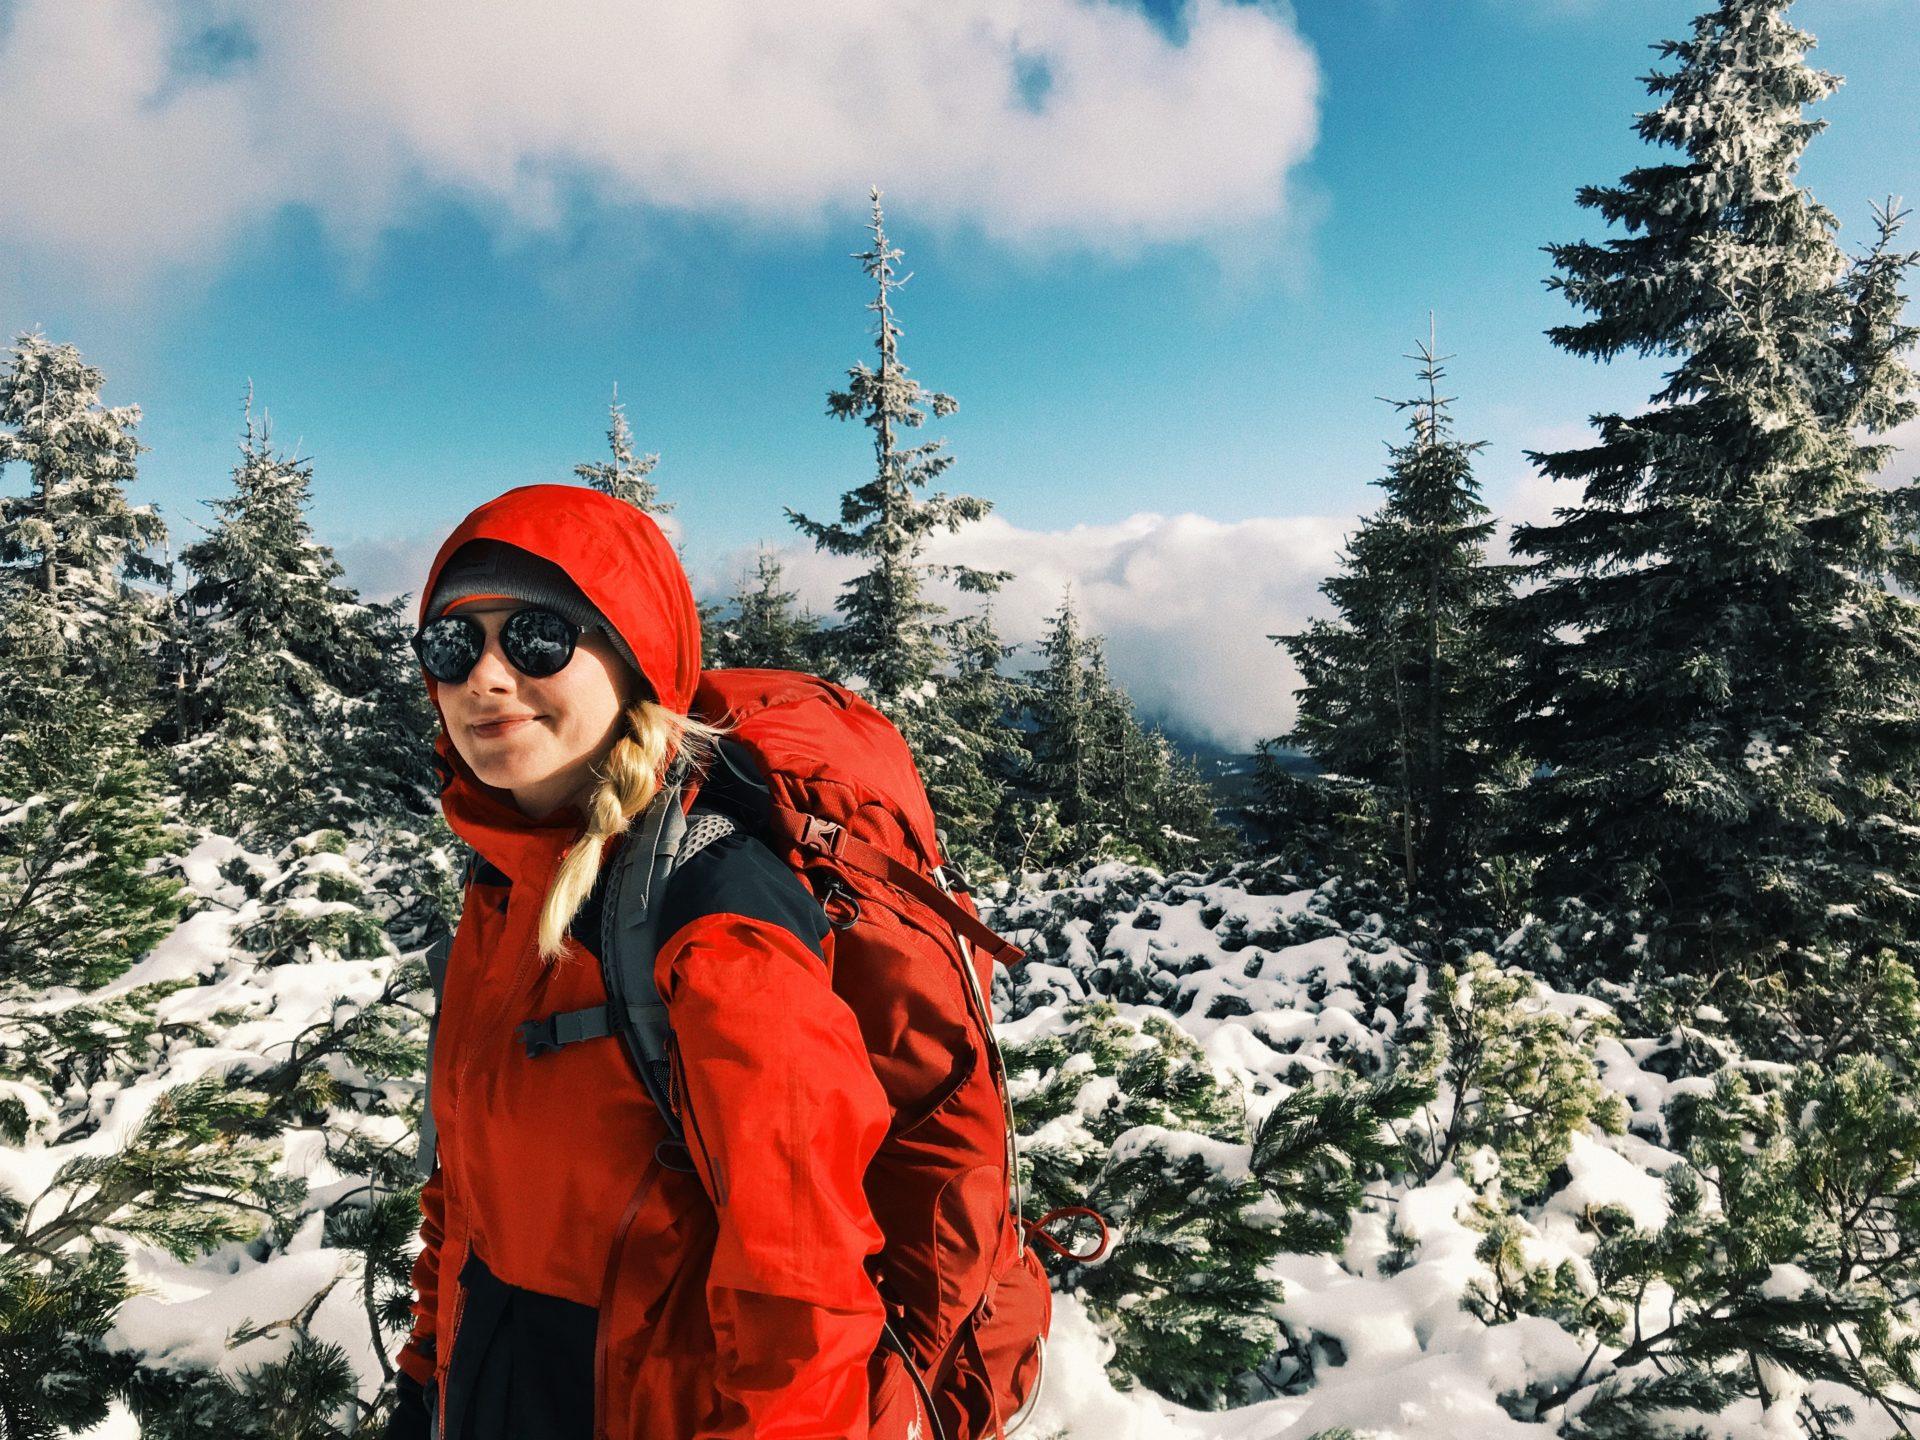 krkonoše, hory, turistika, direct alpine